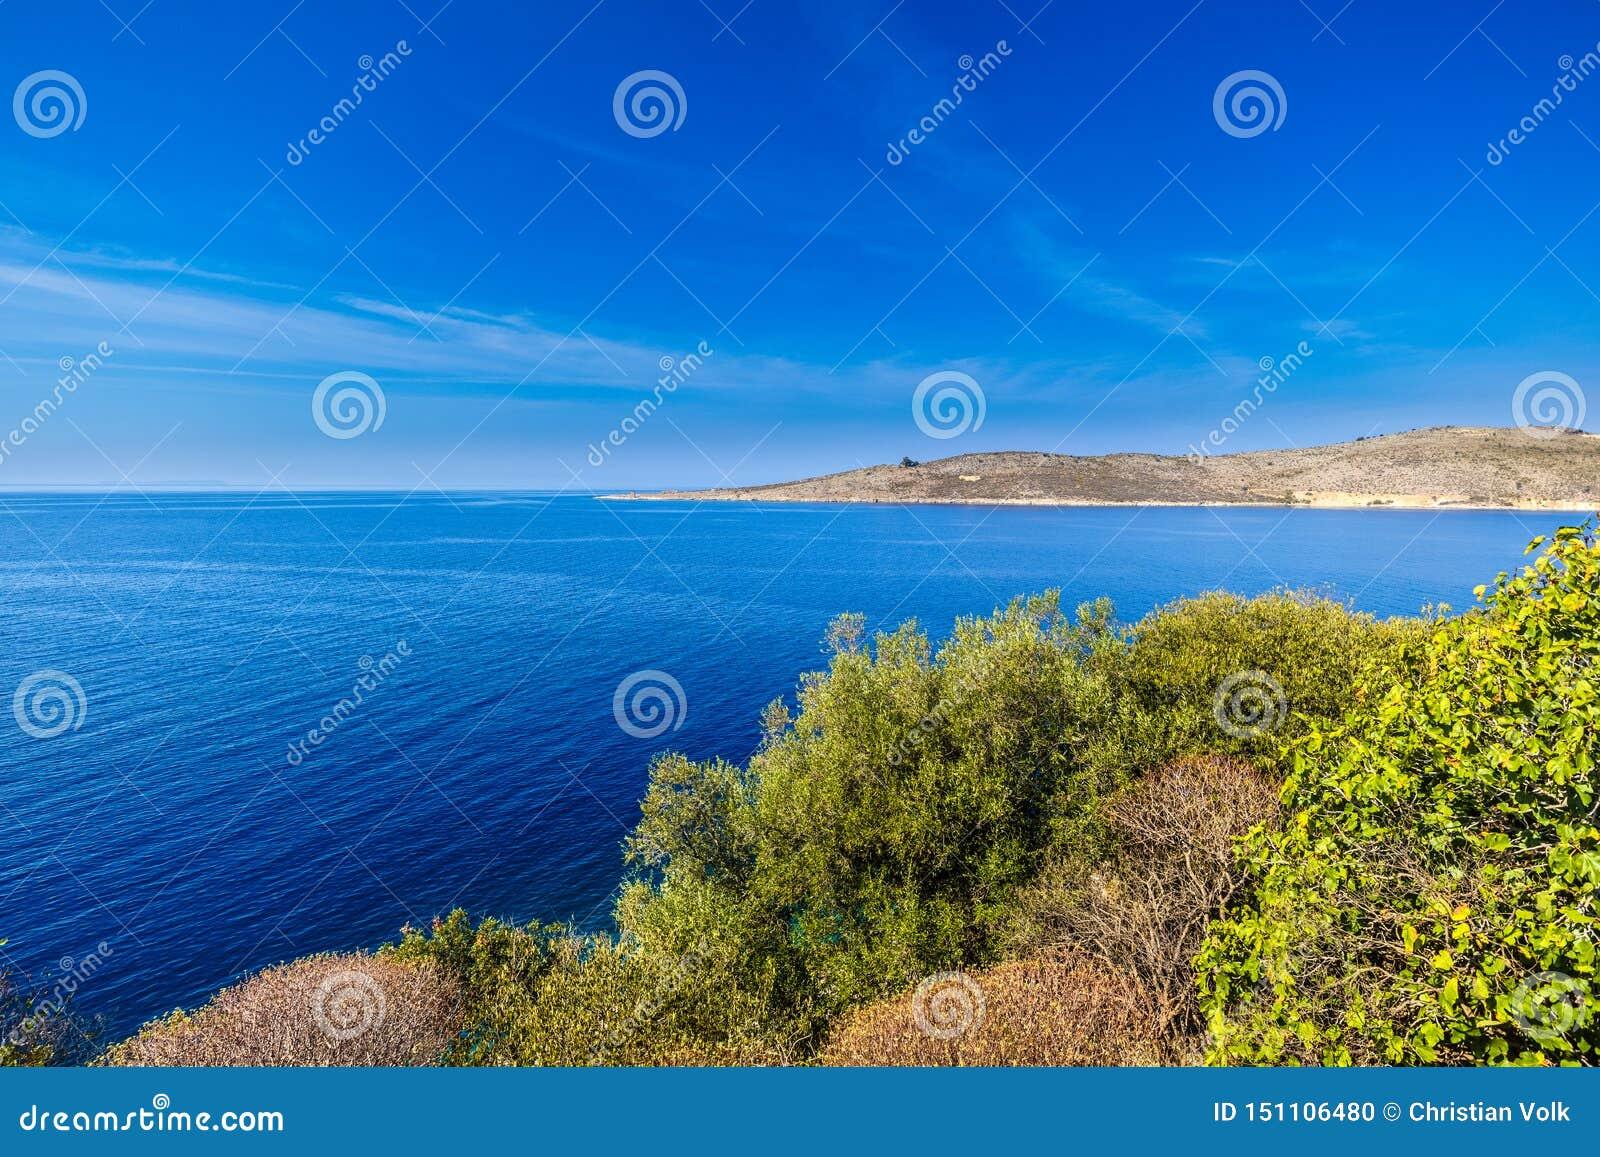 Άποψη επάνω στην αλβανική ακτή κοντά στο Πόρτο Παλέρμο, Αλβανία